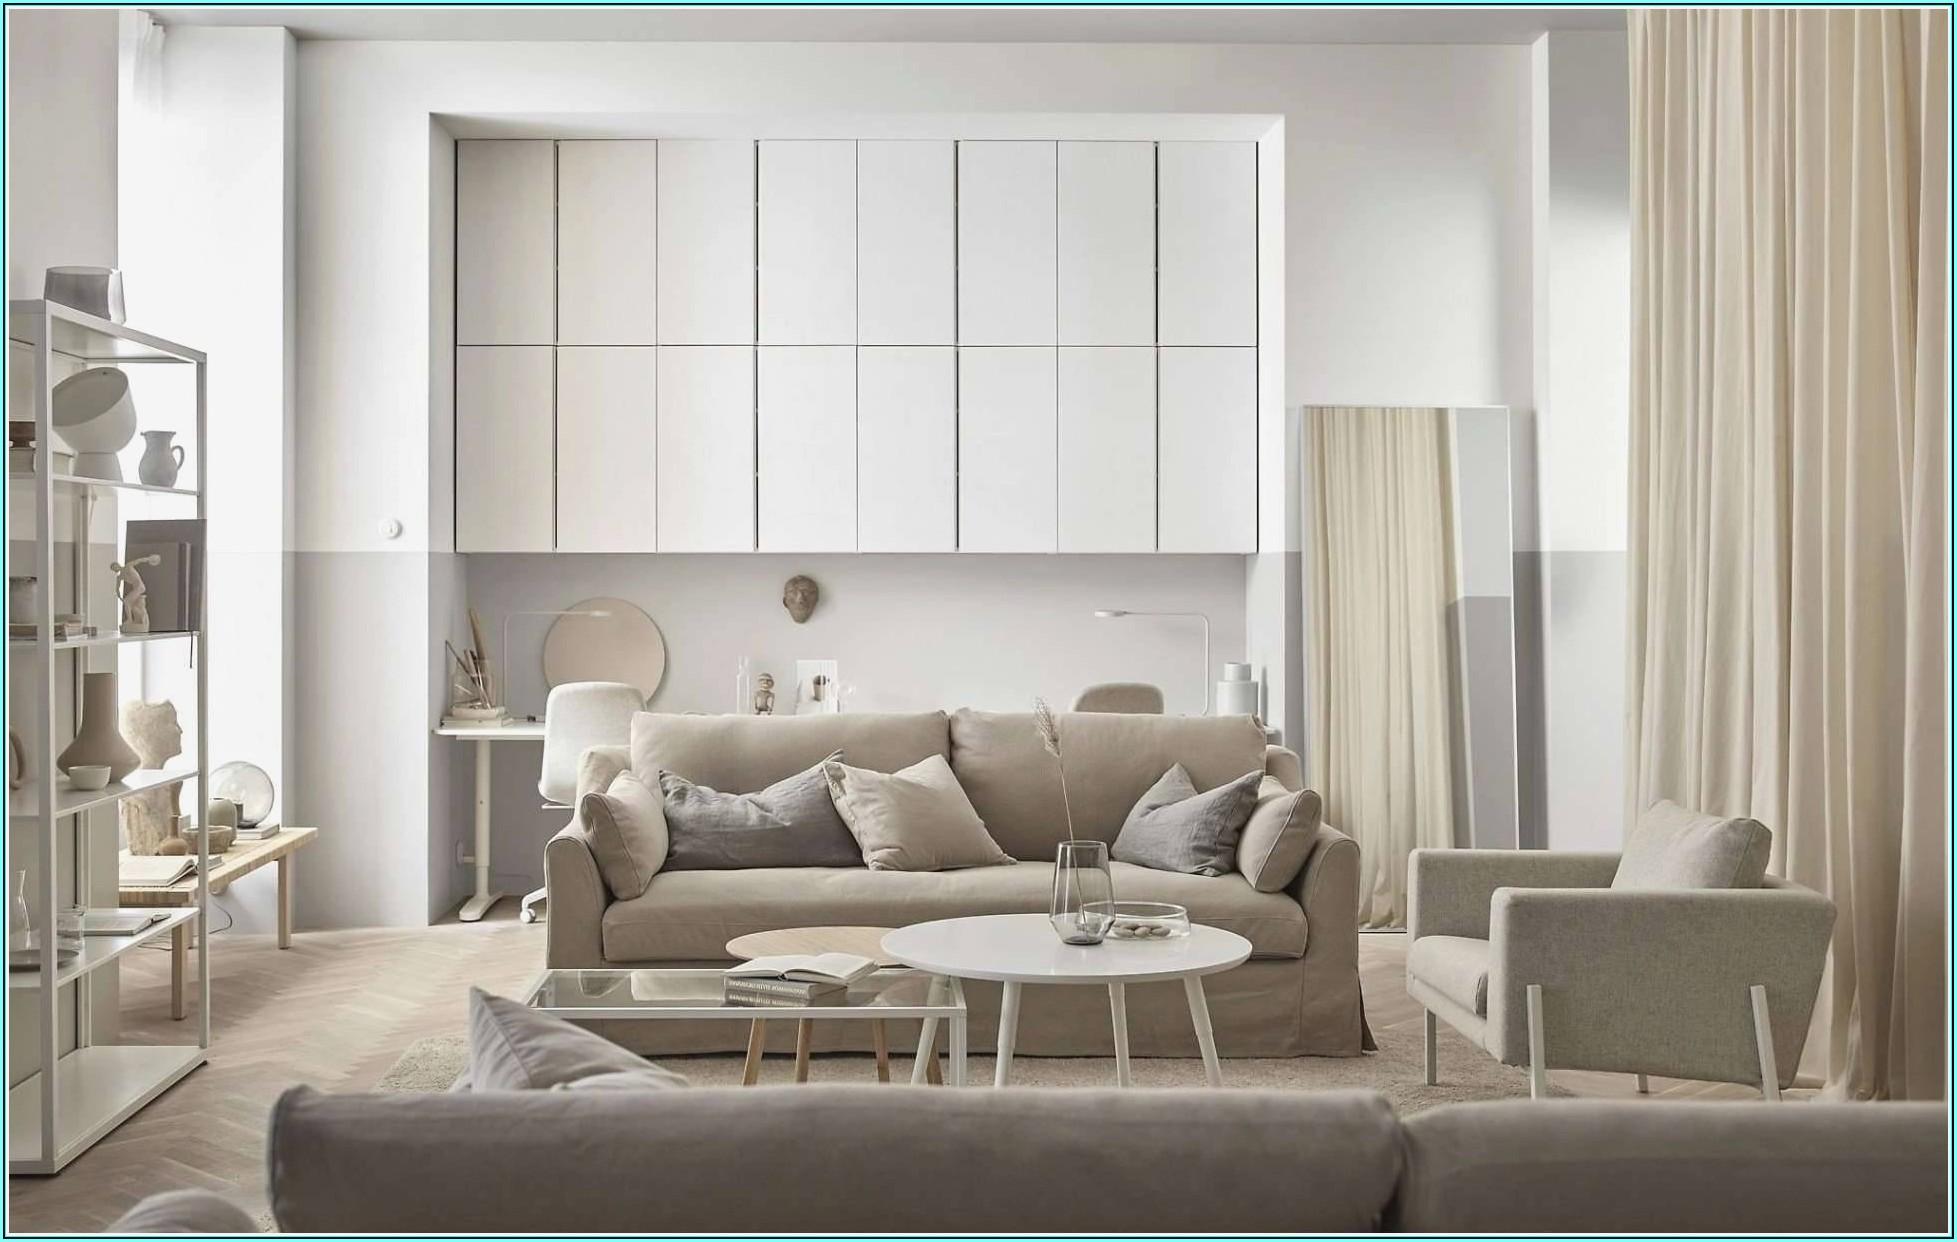 Wohnzimmer Deko Ideen Silber